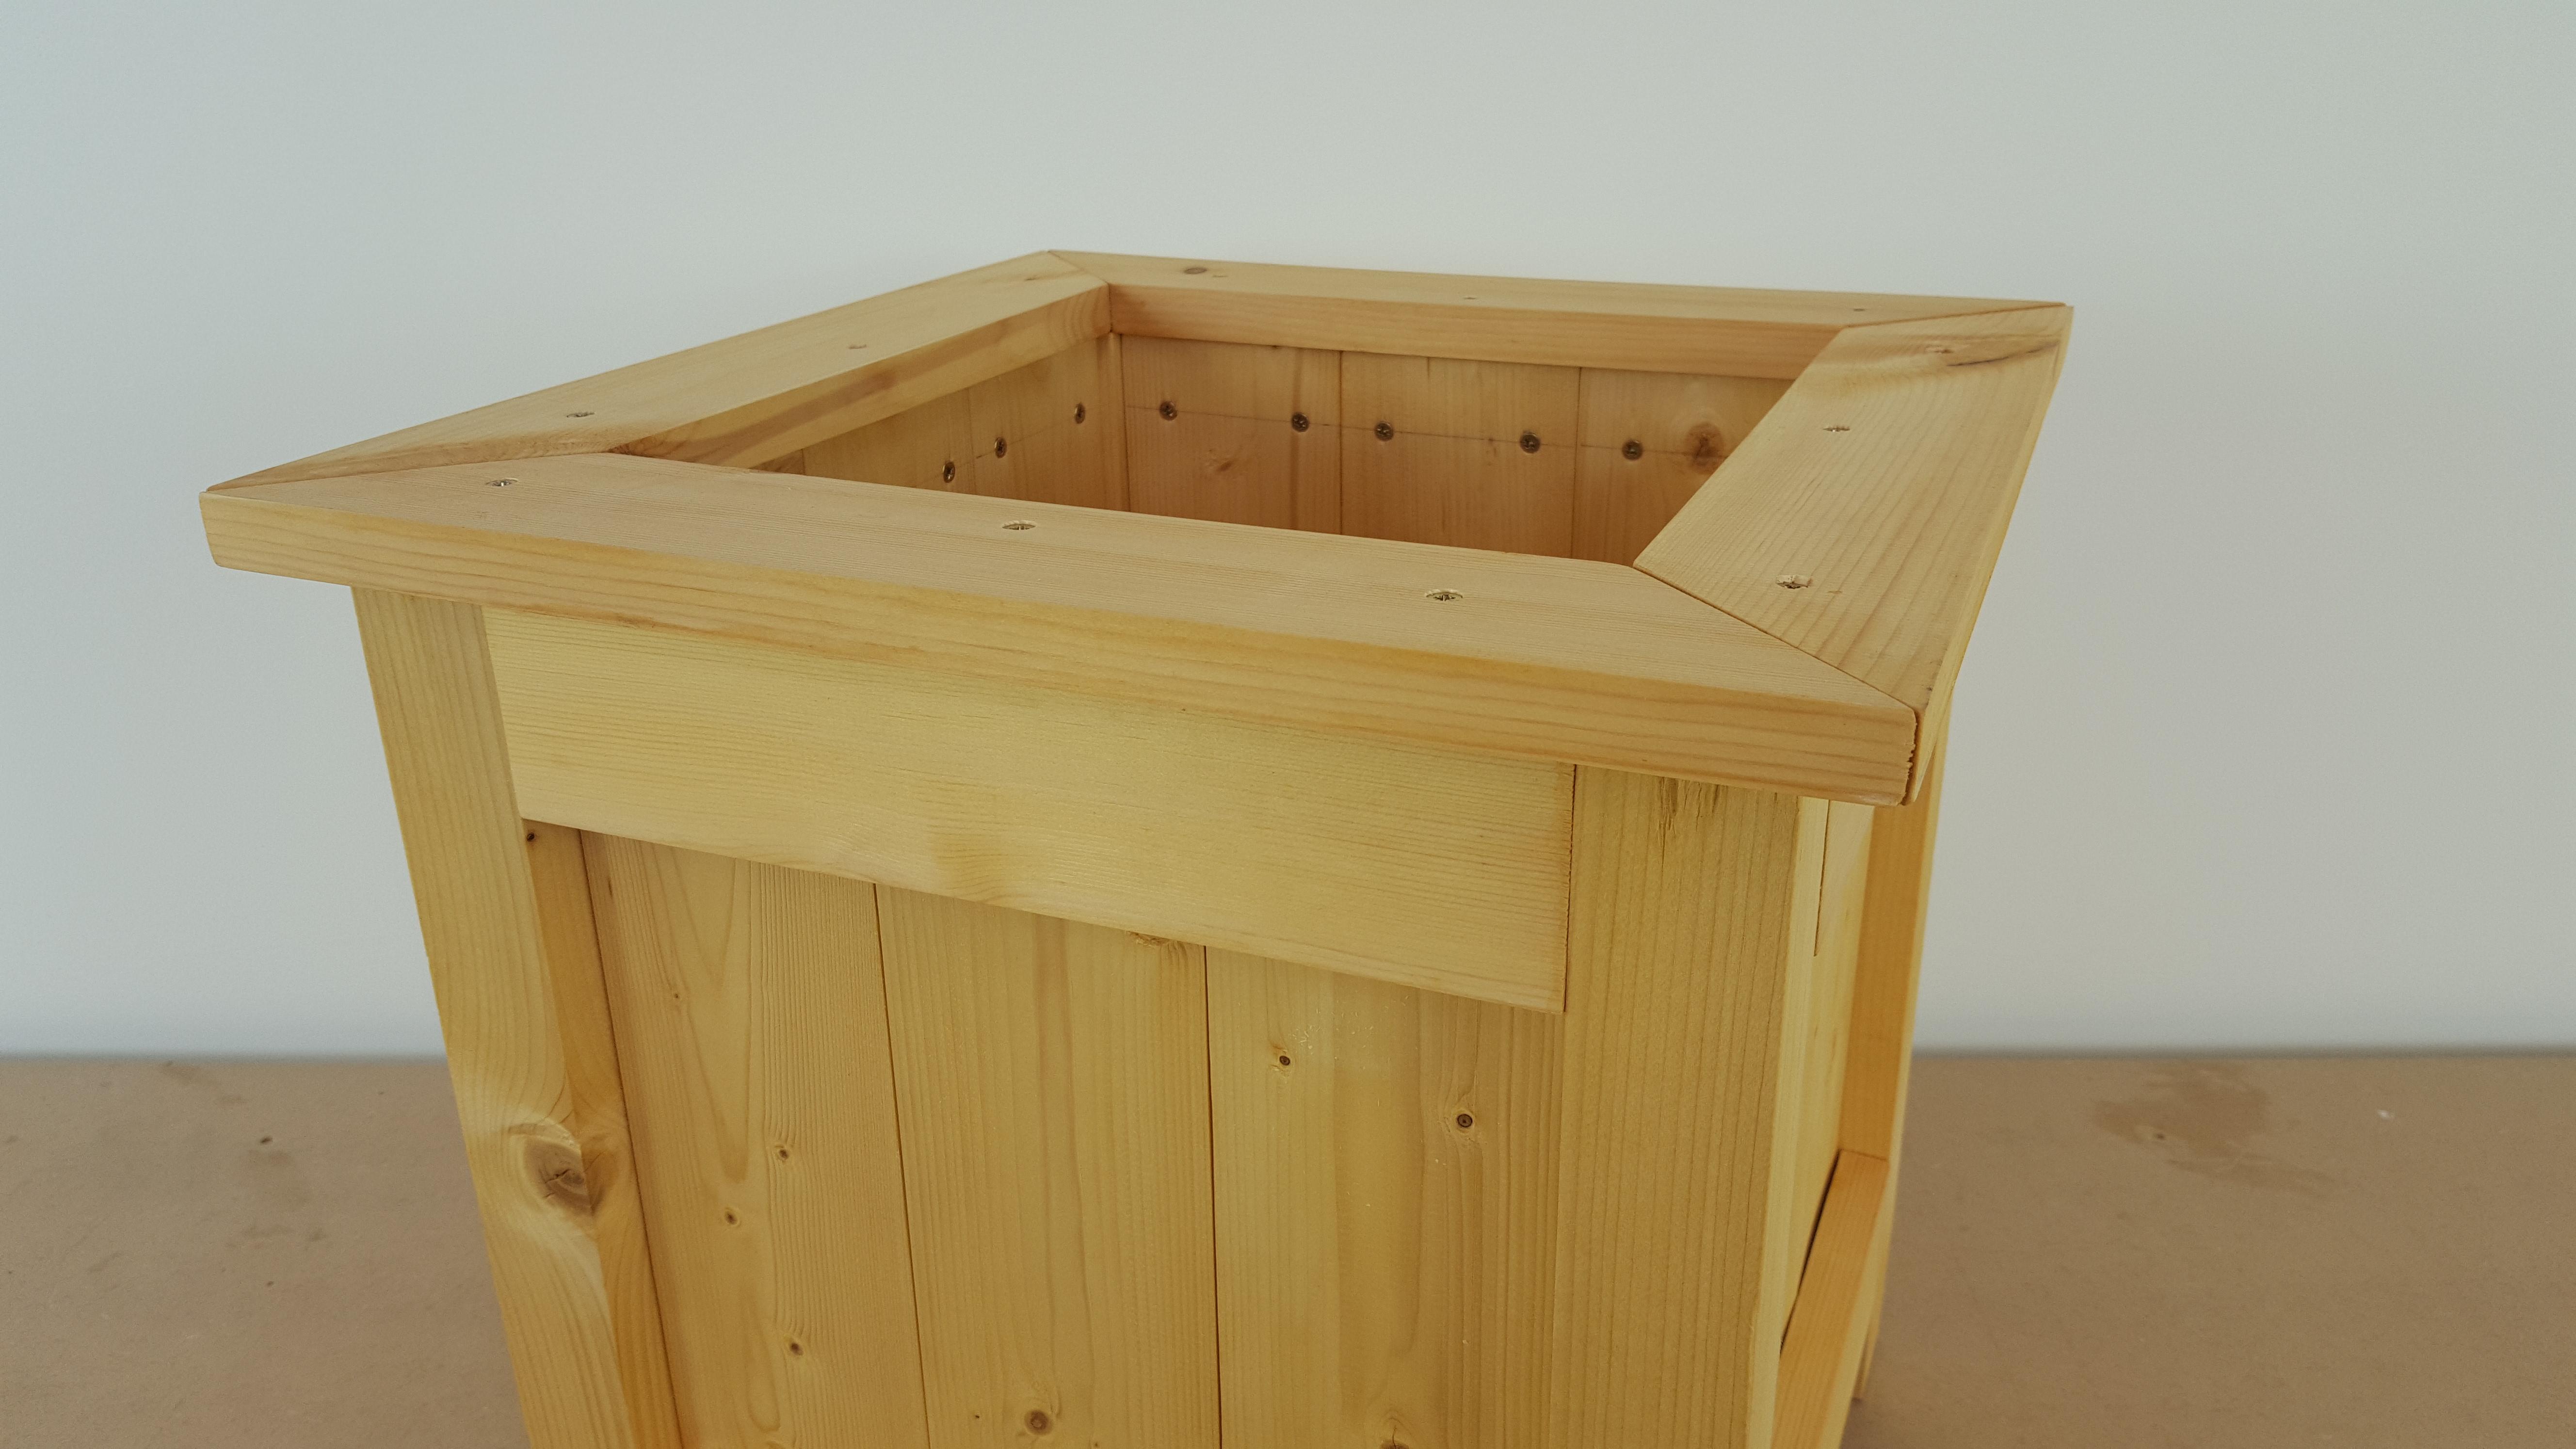 comment faire une jardini re en bois ep26 vissermalin. Black Bedroom Furniture Sets. Home Design Ideas